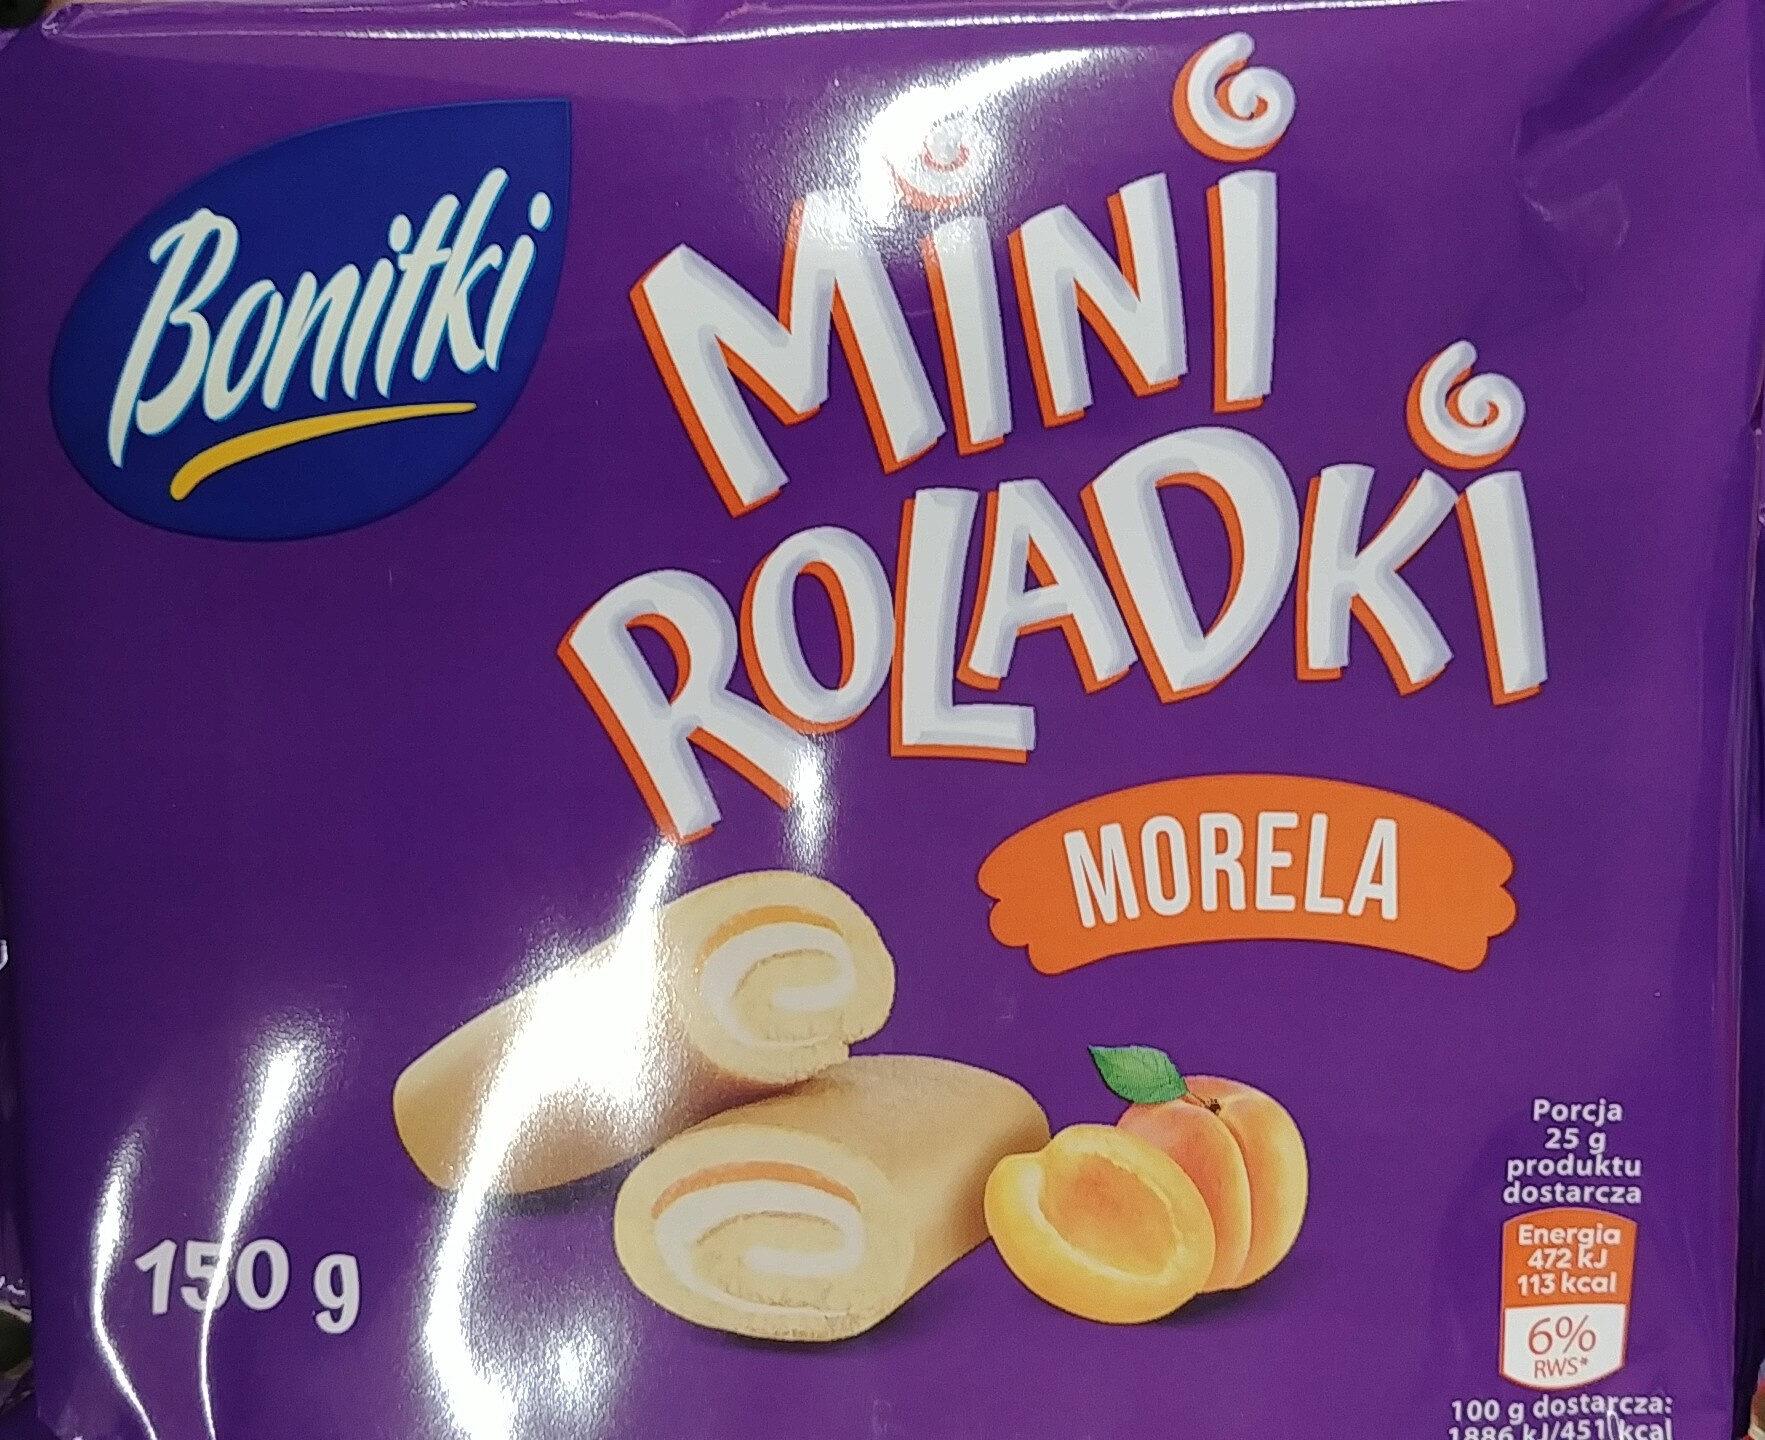 Mini roladki biszkoptowe z nadzieniem o smaku morelowym (20%) i kremem o smaku waniliowym (36%). - Produit - pl